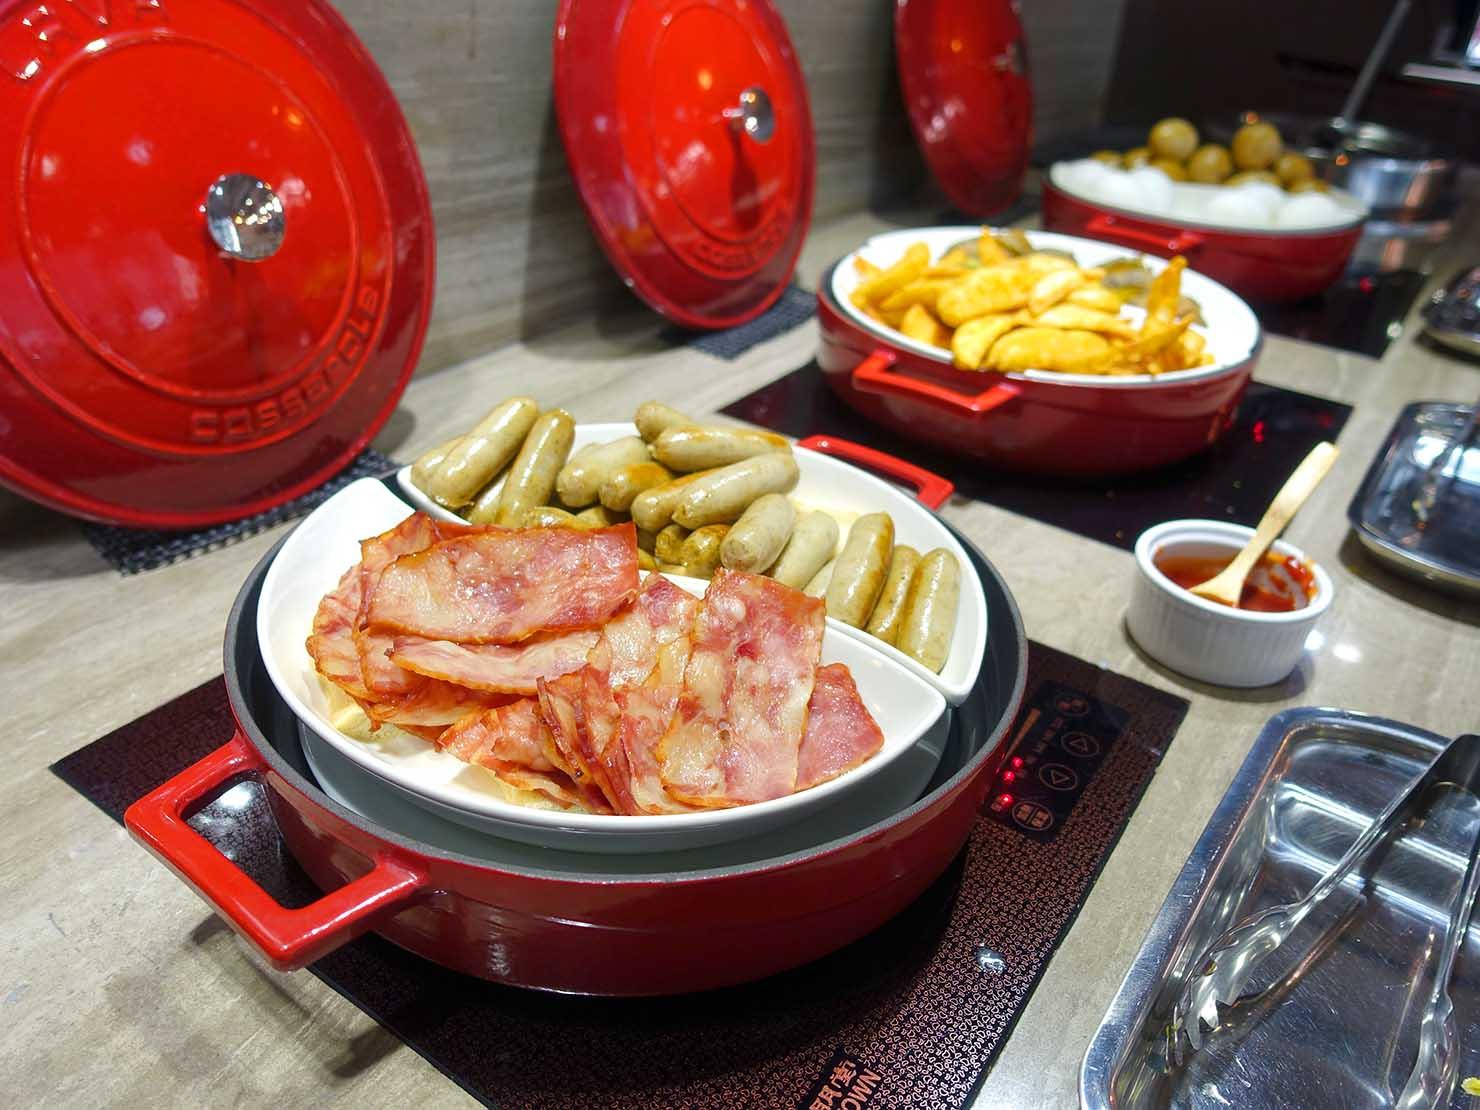 台南市内観光におすすめのホテル「長悅旅棧」朝食ビュッフェの料理